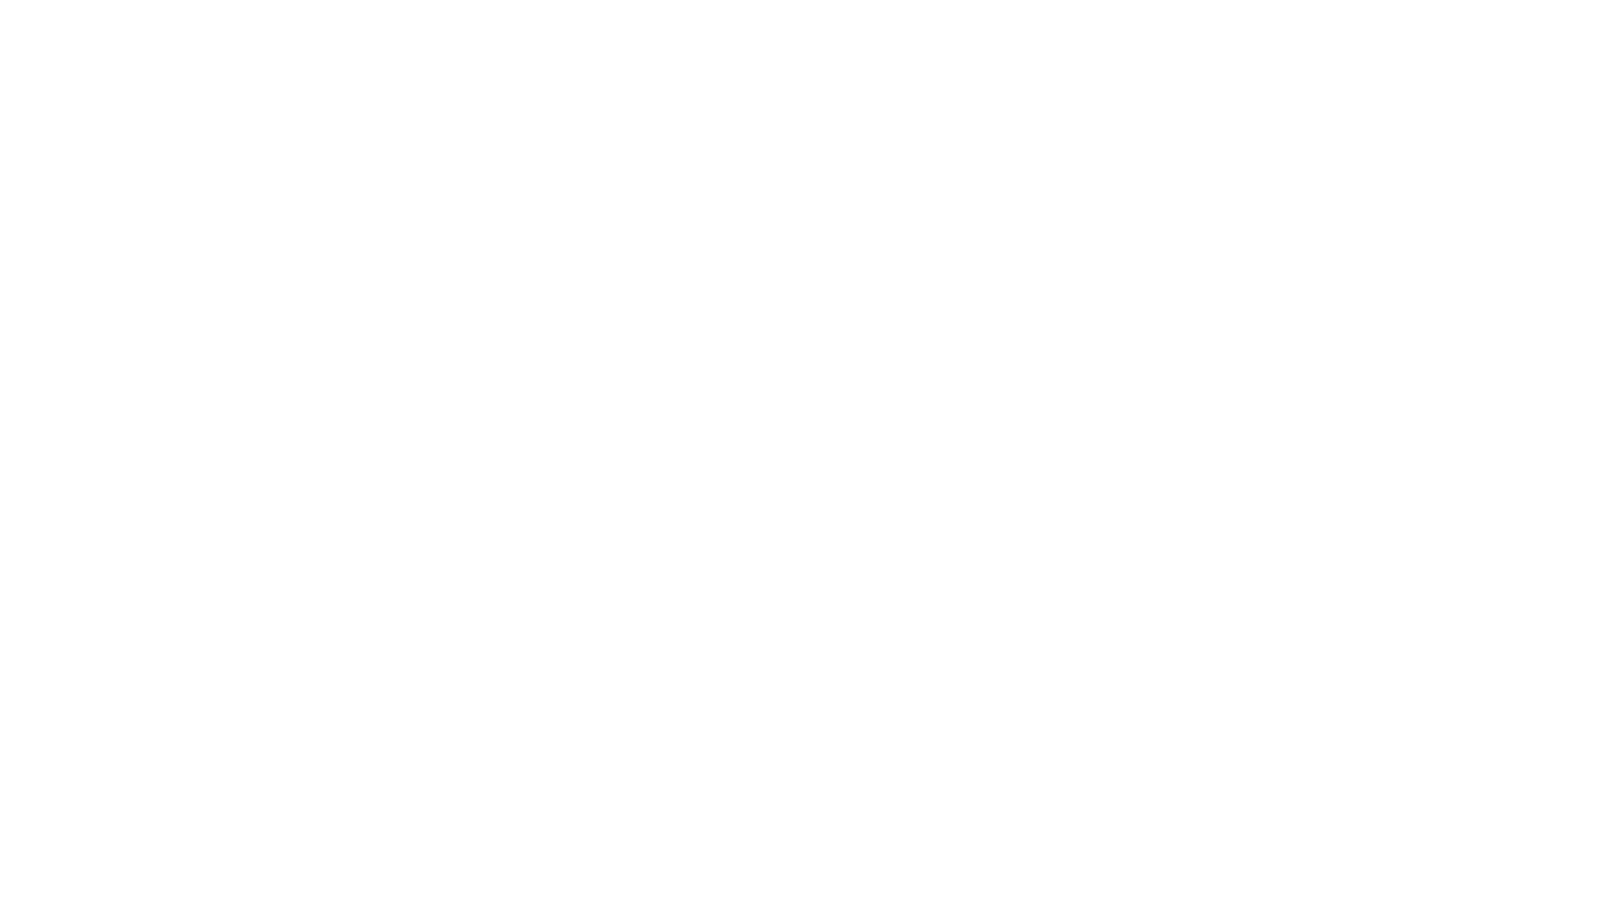 إنتاج اللجنة الإعلامية بحسينية السنابس الشرقية  البحرين,حسينية,السنابس,الشرقية,#المنامة,#الديه,#العراق,#كربلاء,#النجف,#سامراء,#بغداد,#مكة,#المدينة,#سوريا,#مشهد,#قم,#لندن,#مأتم_مباشر